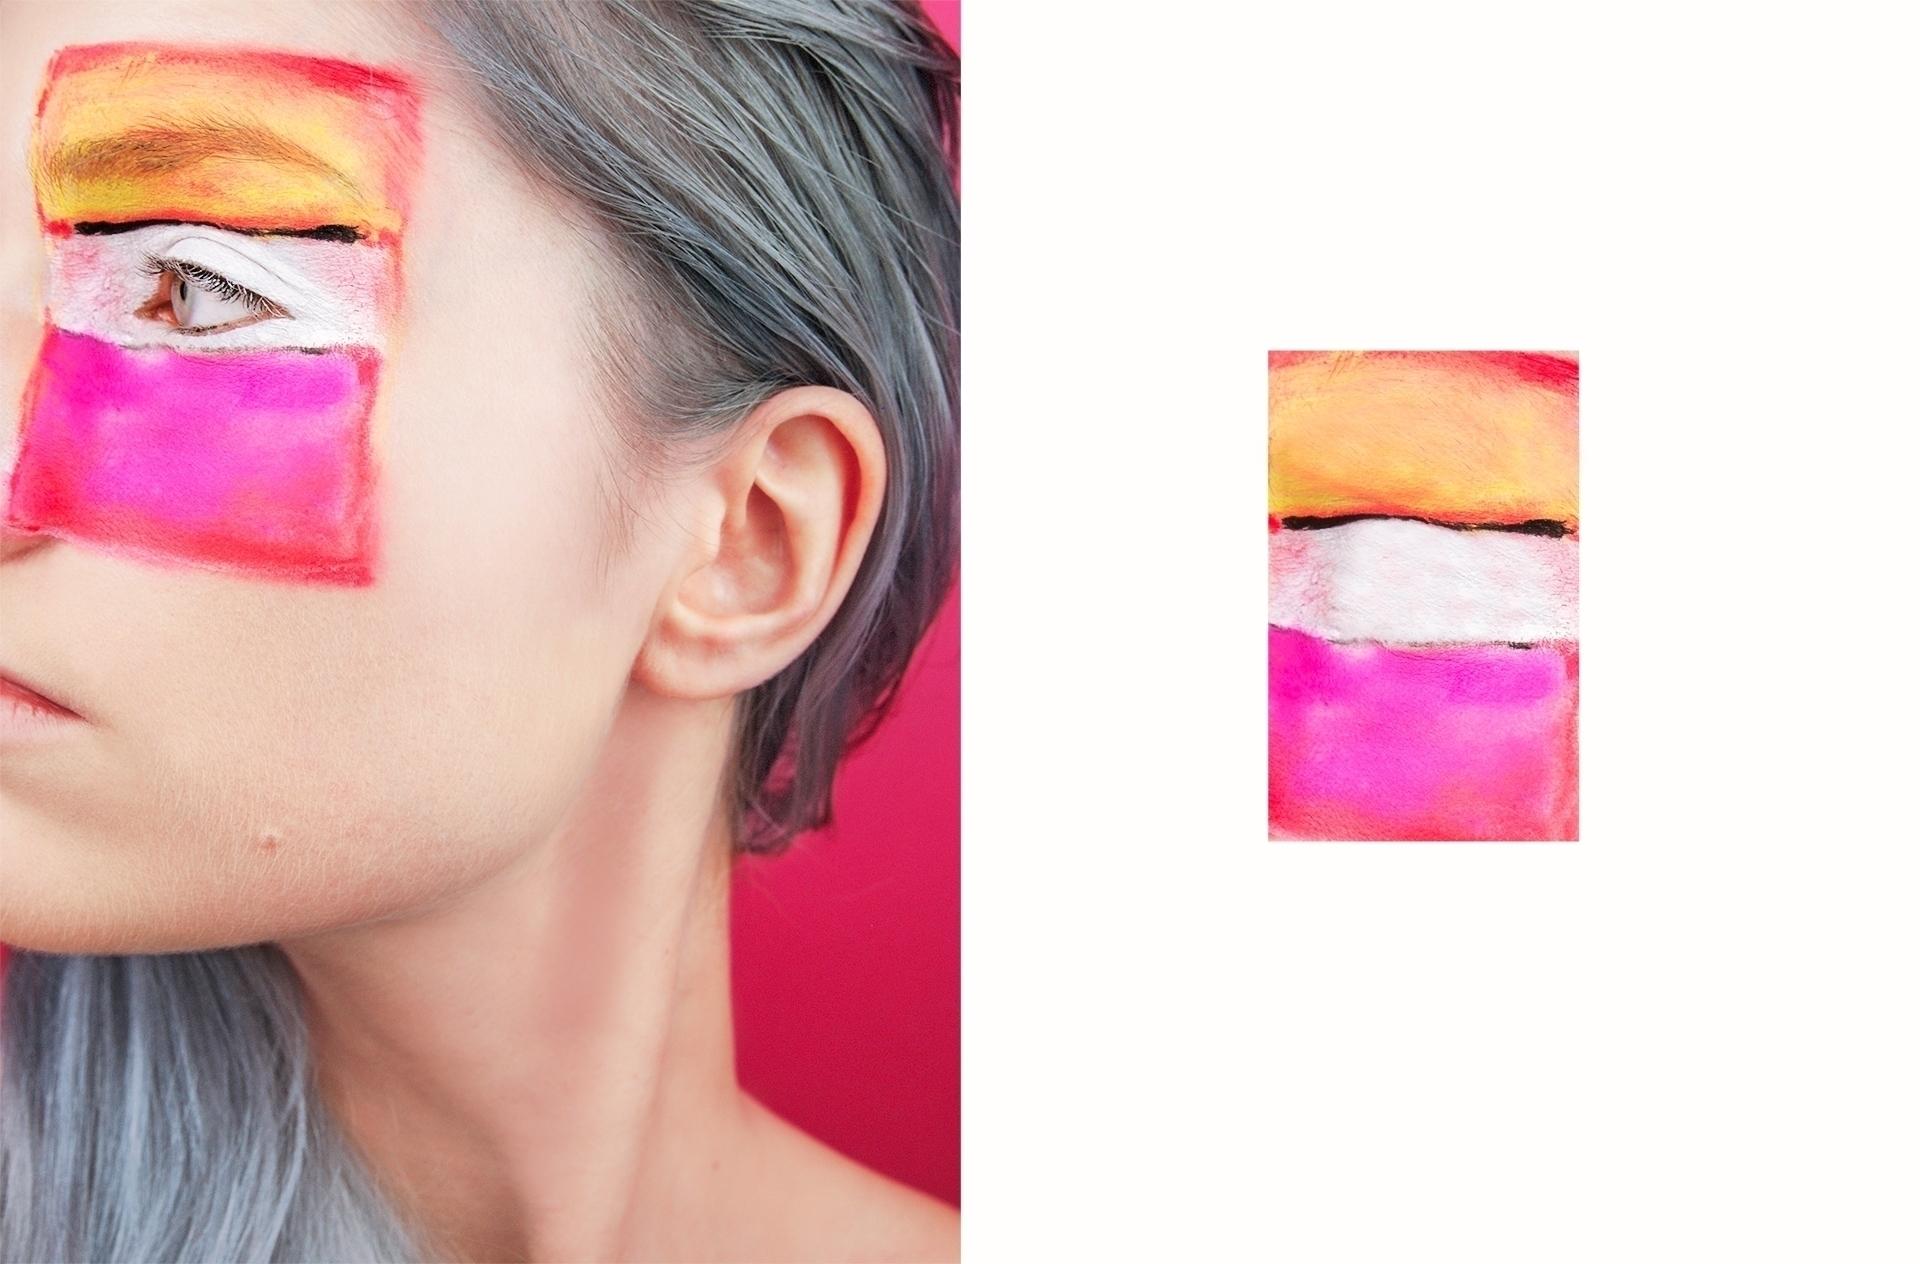 Obraz przedstawia zdjęcie, na którym widzimy fragment kobiecej twarzy z namalowanym kolorowym prostokątem na powiece. Z lewej strony znajduje się pomniejszona figura w kolorze białym, żółtym i różowym.